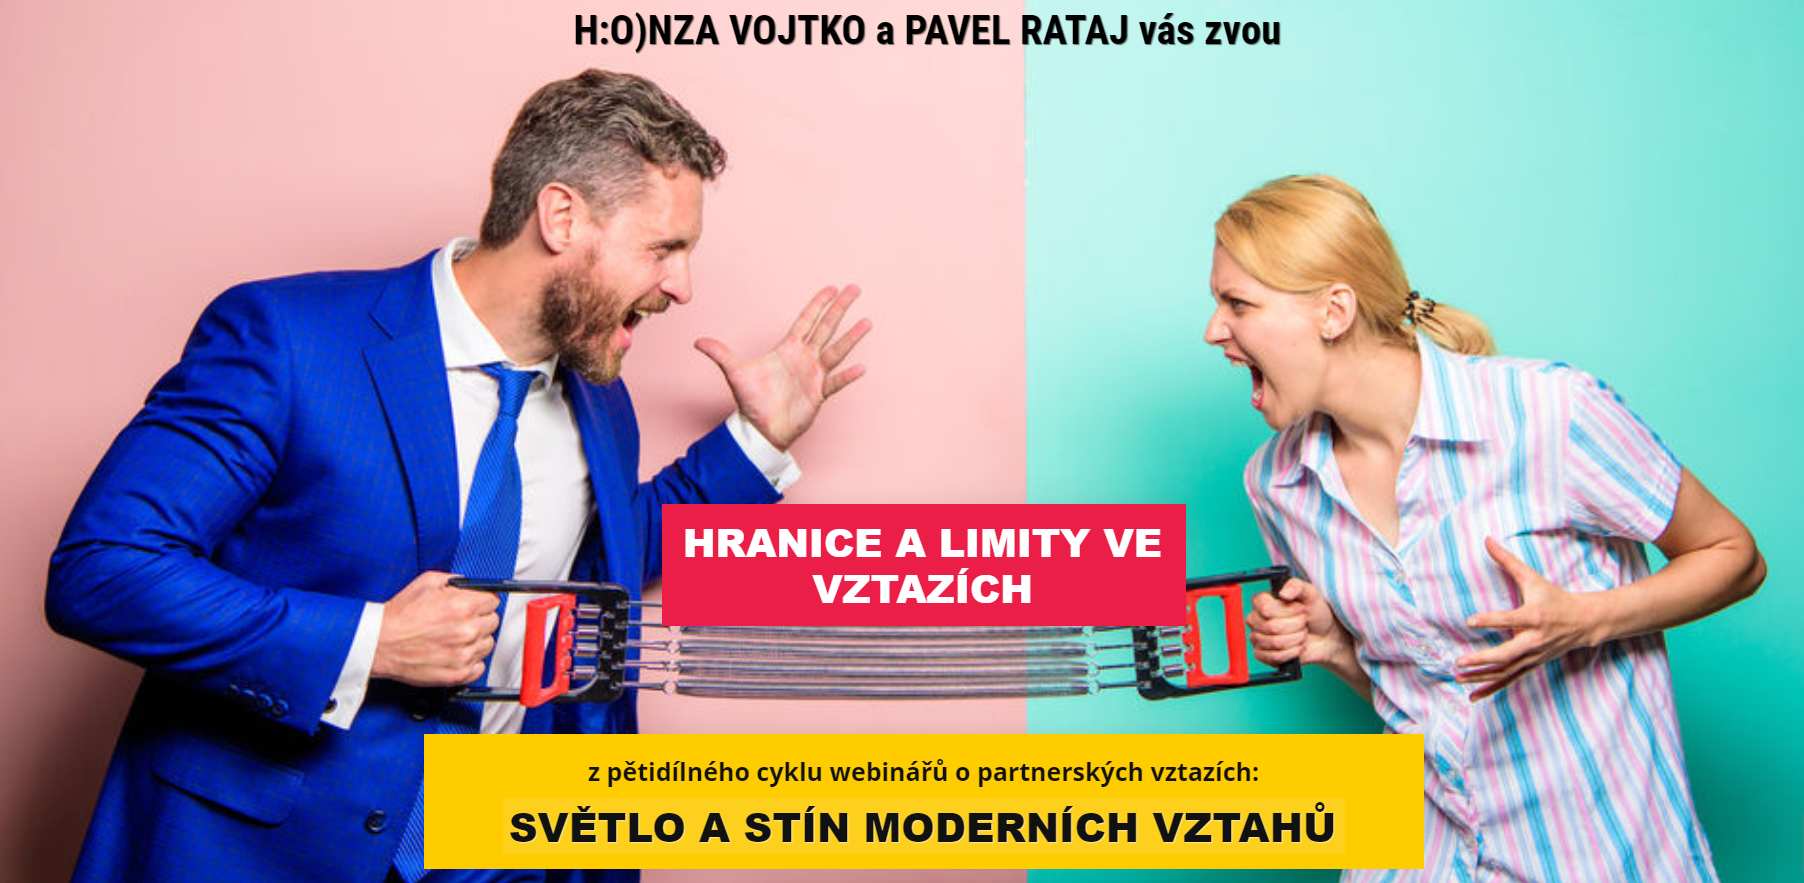 Hranice alimity ve vztazích- Pavel Rataj aHonza Vojtko